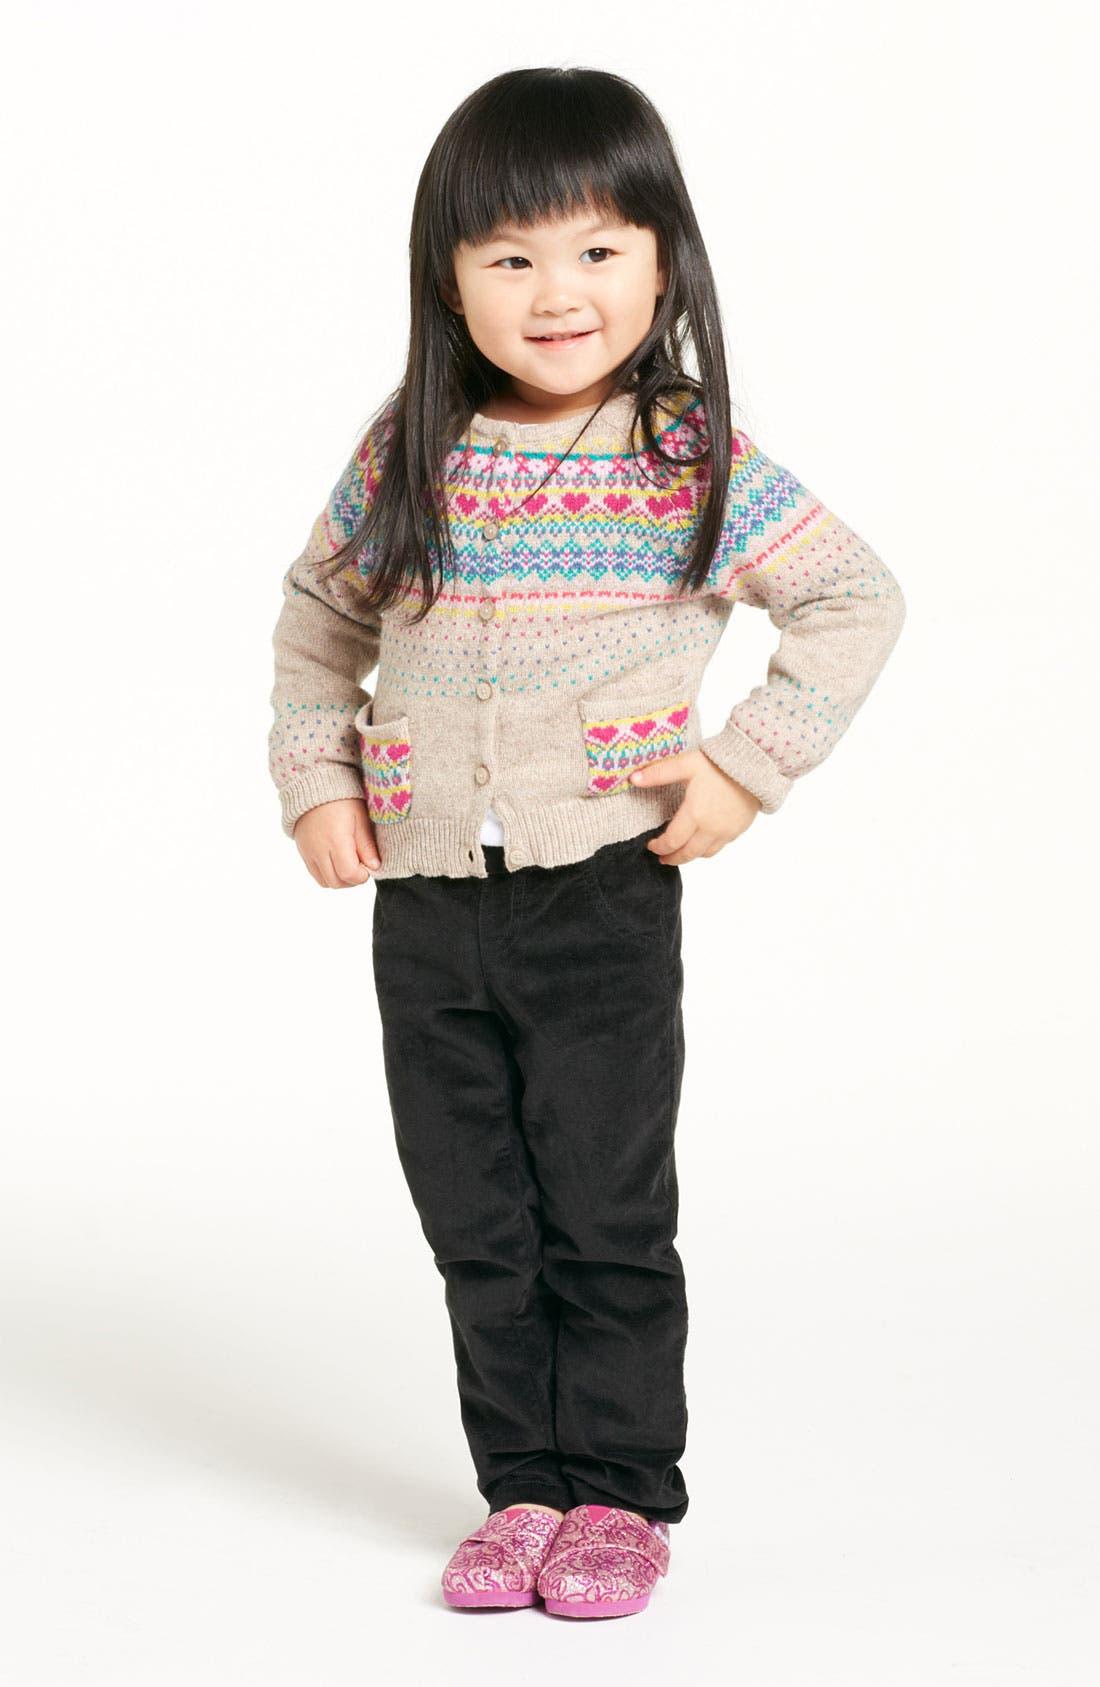 Main Image - United Colors of Benetton Kids Sweater & Velvet Pants (Infant)